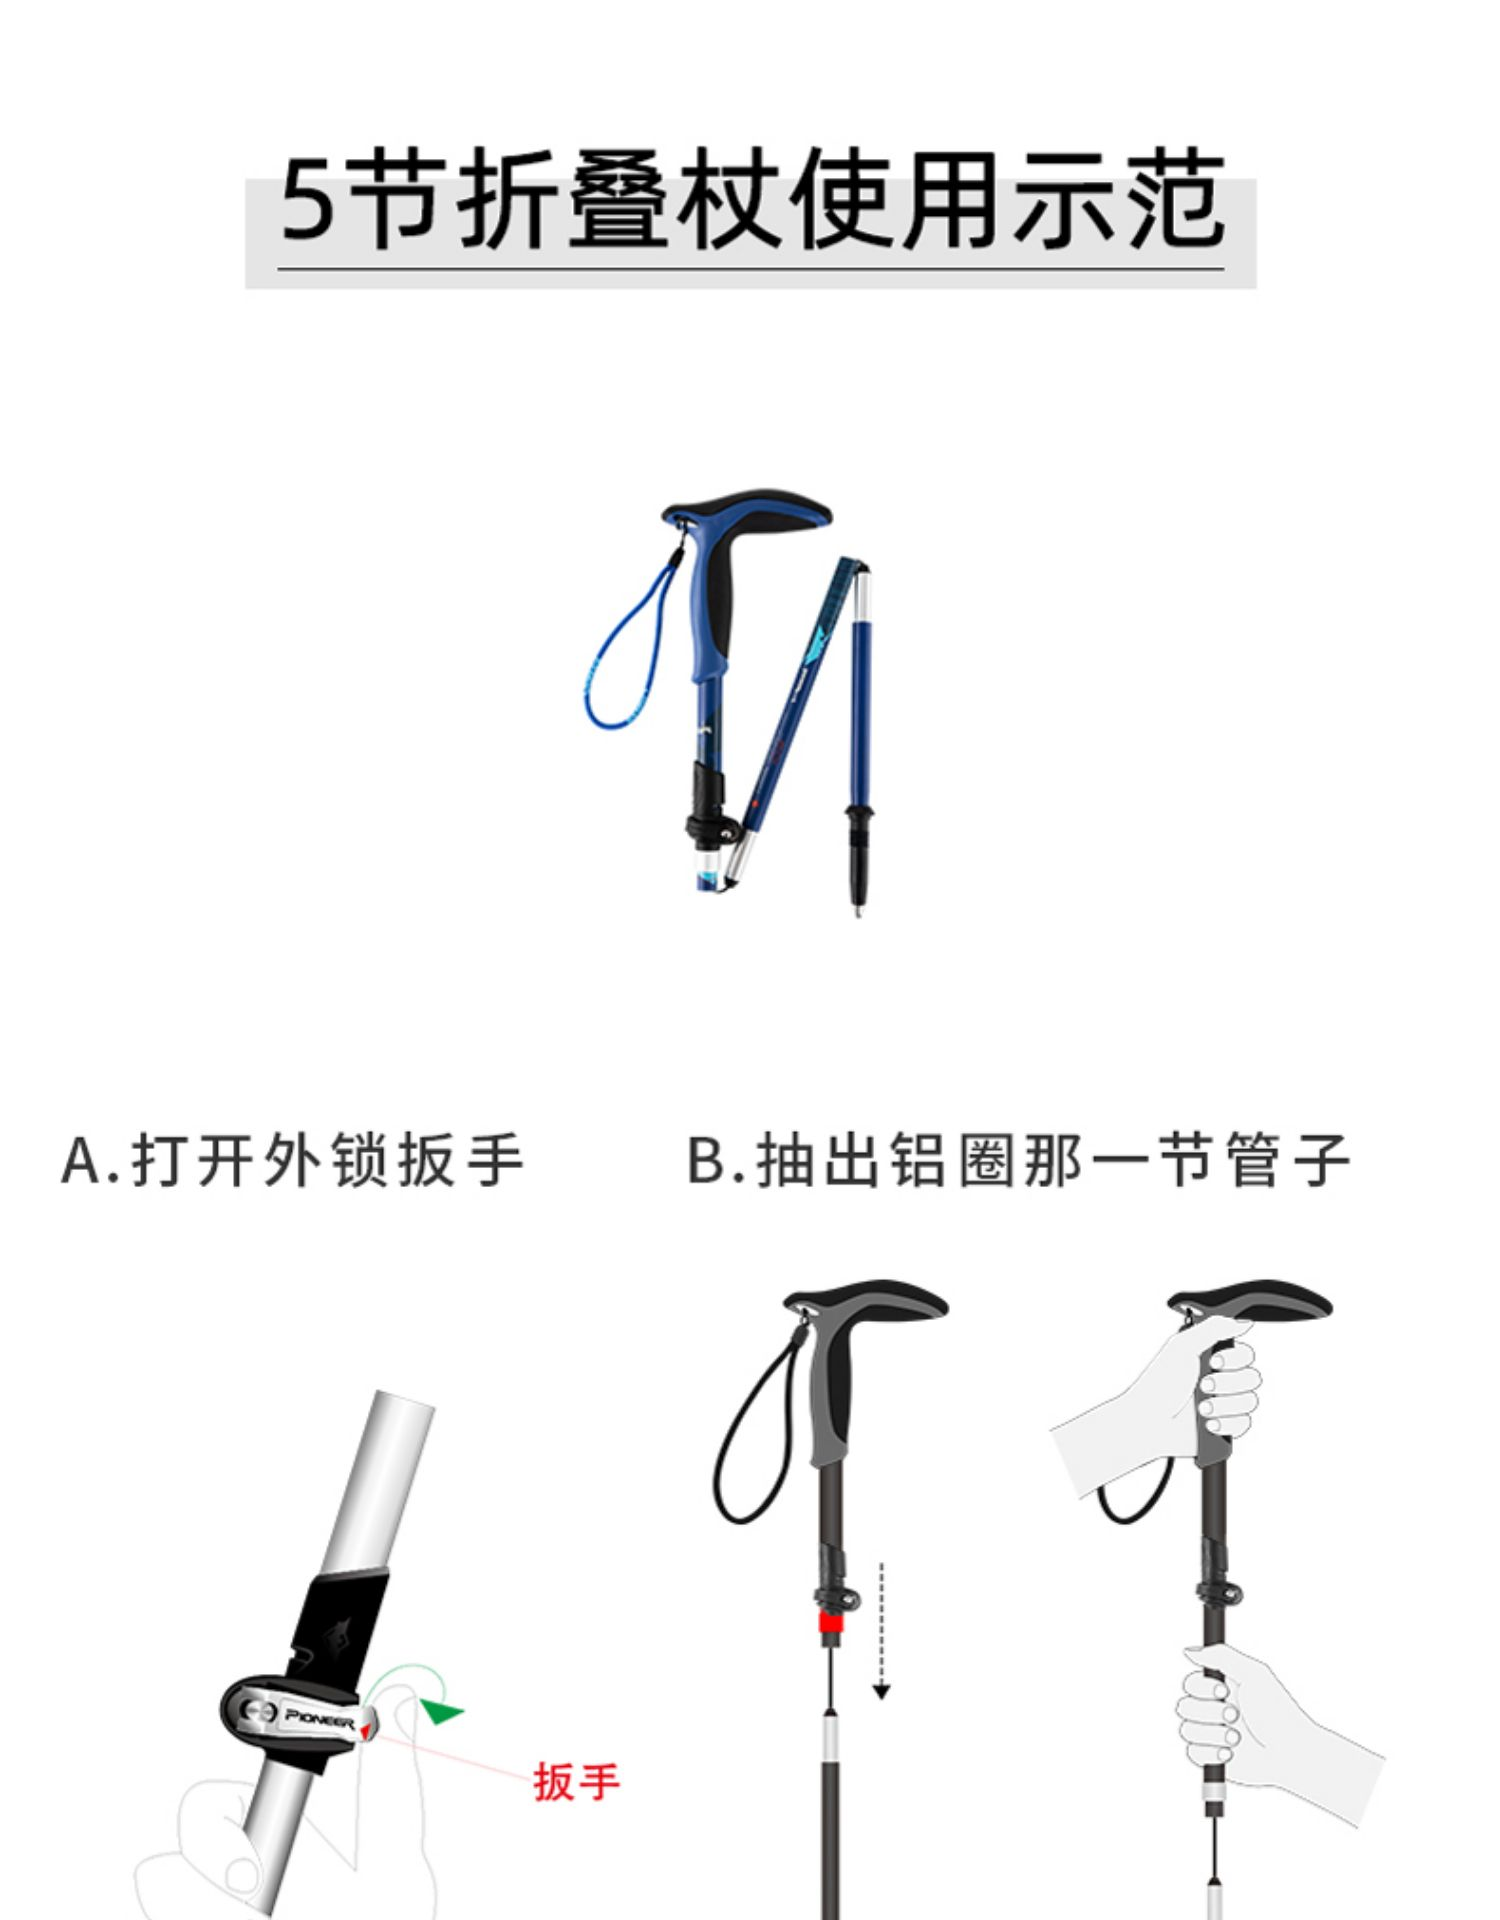 行山手杖碳纤维登山杖型柄碳素超轻伸缩徒步康復外锁拐杖拐棍详细照片